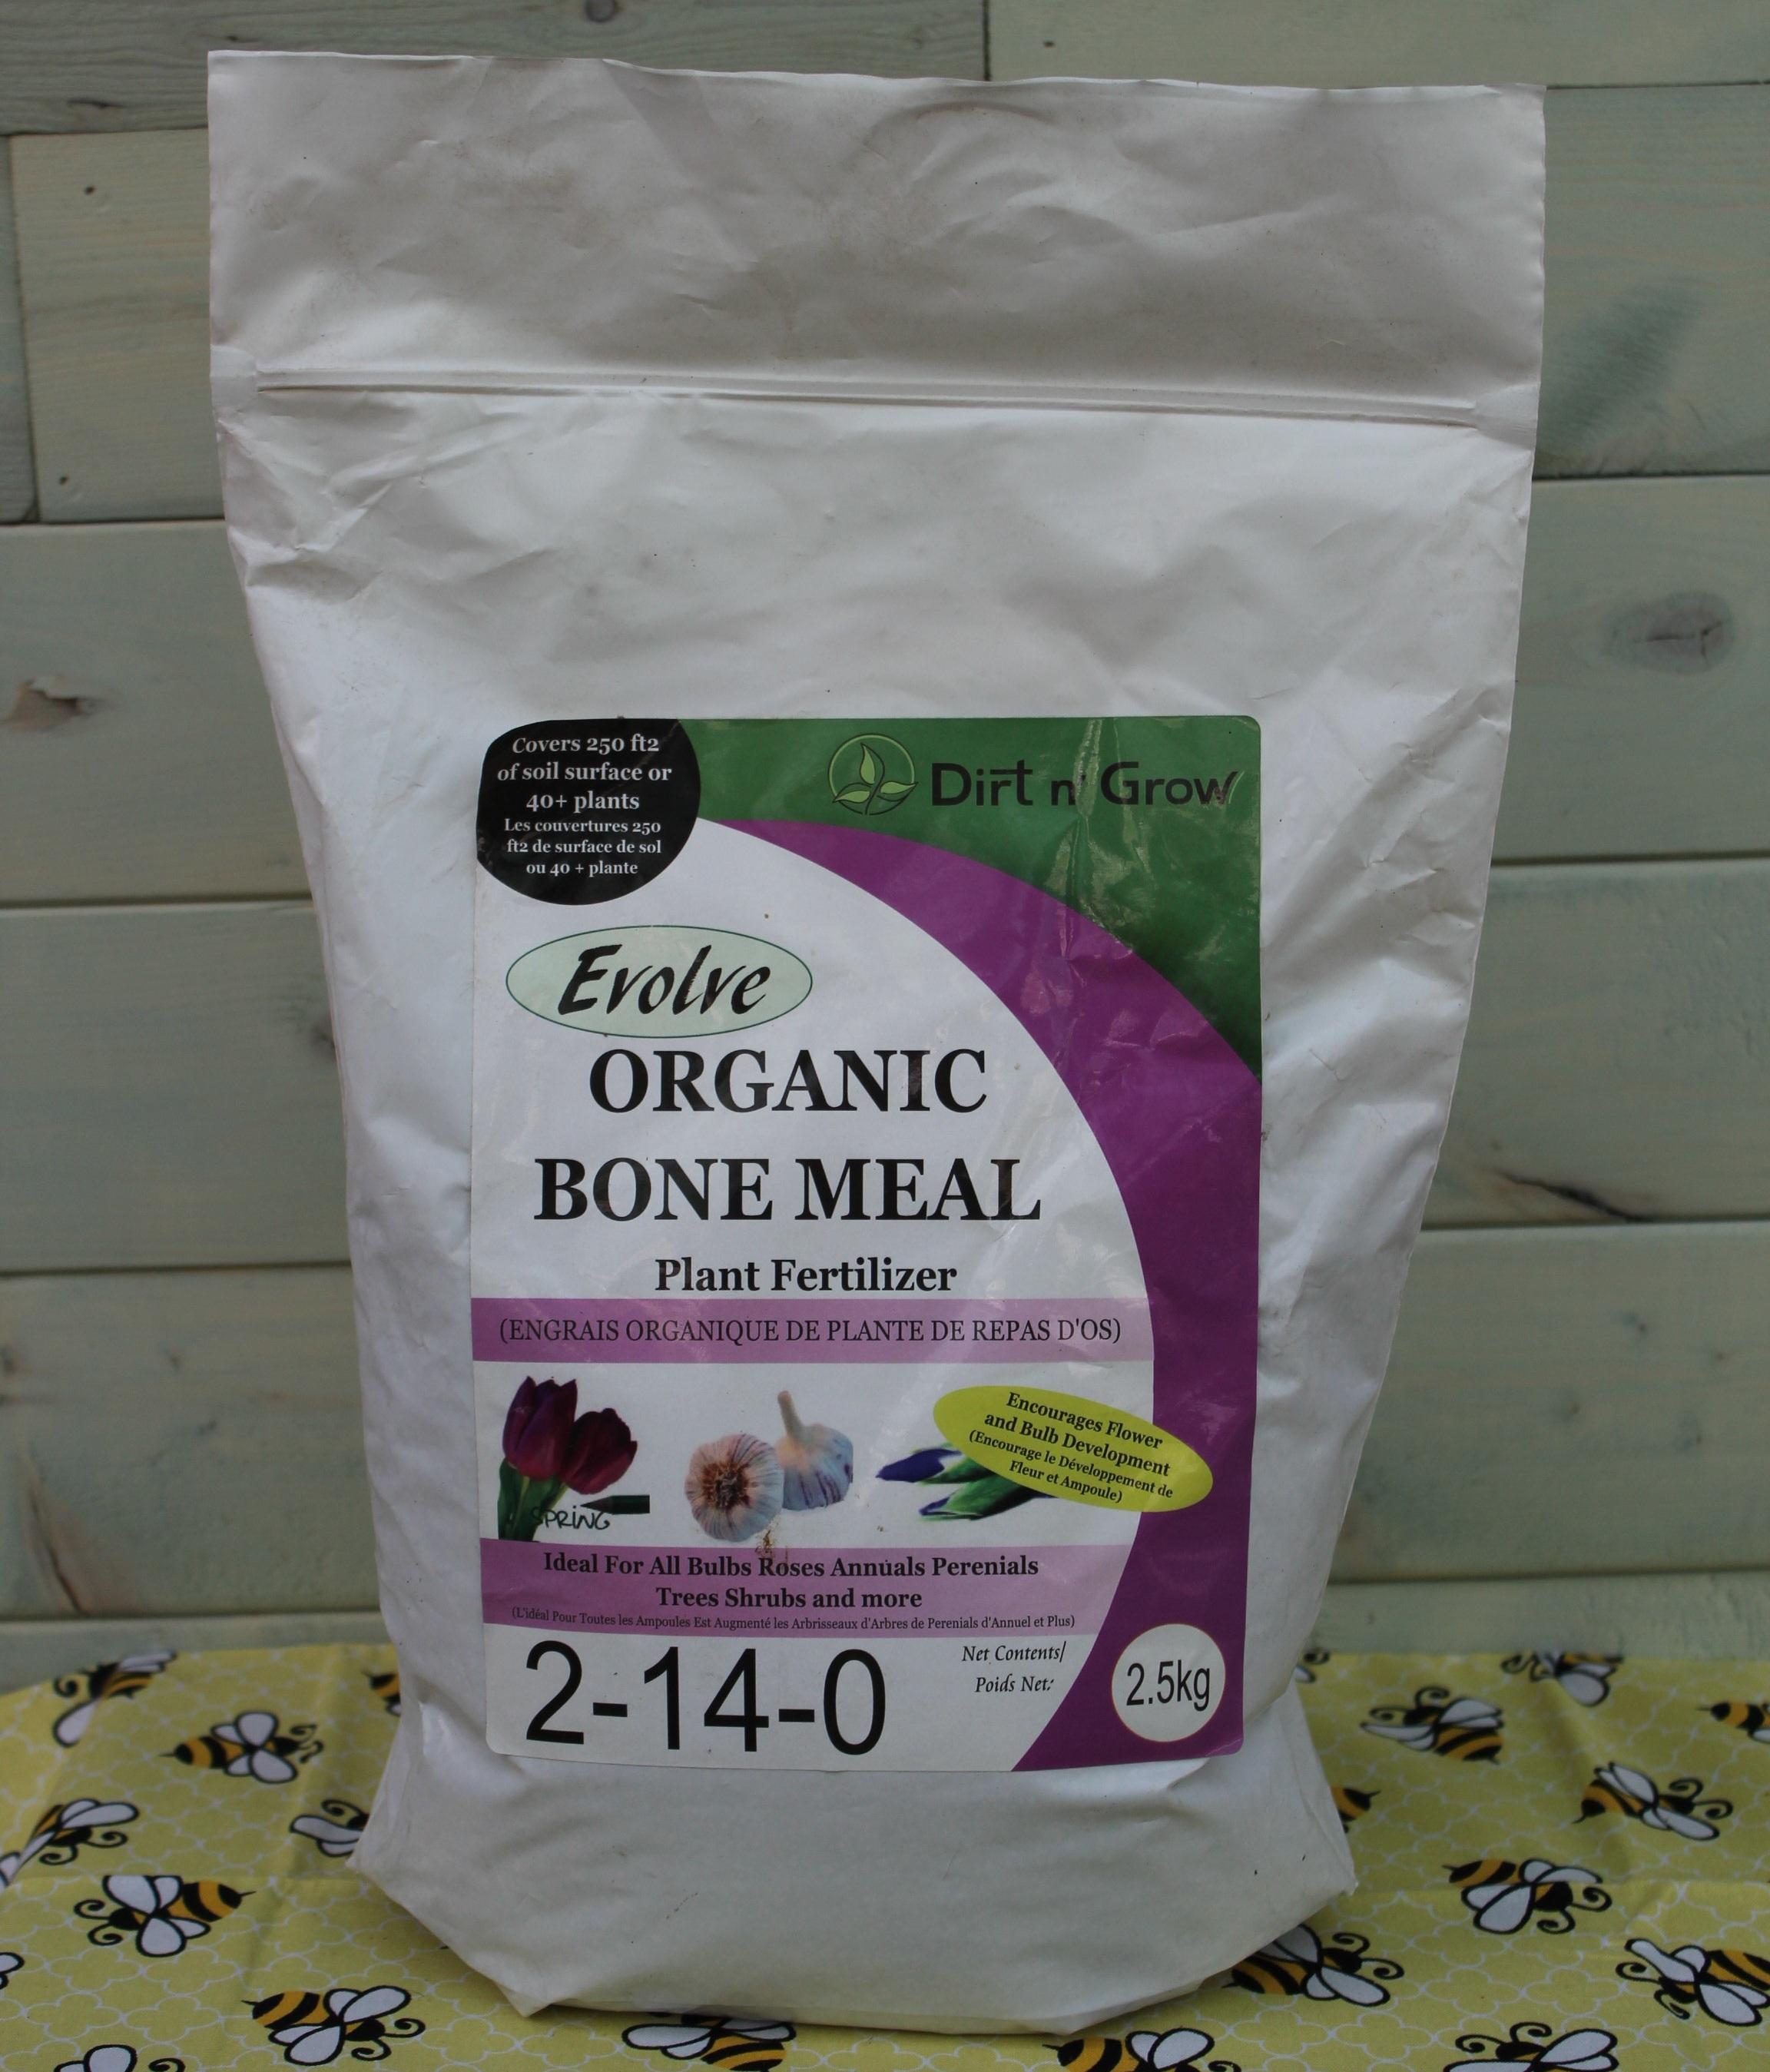 ORGANIC BONE MEAL